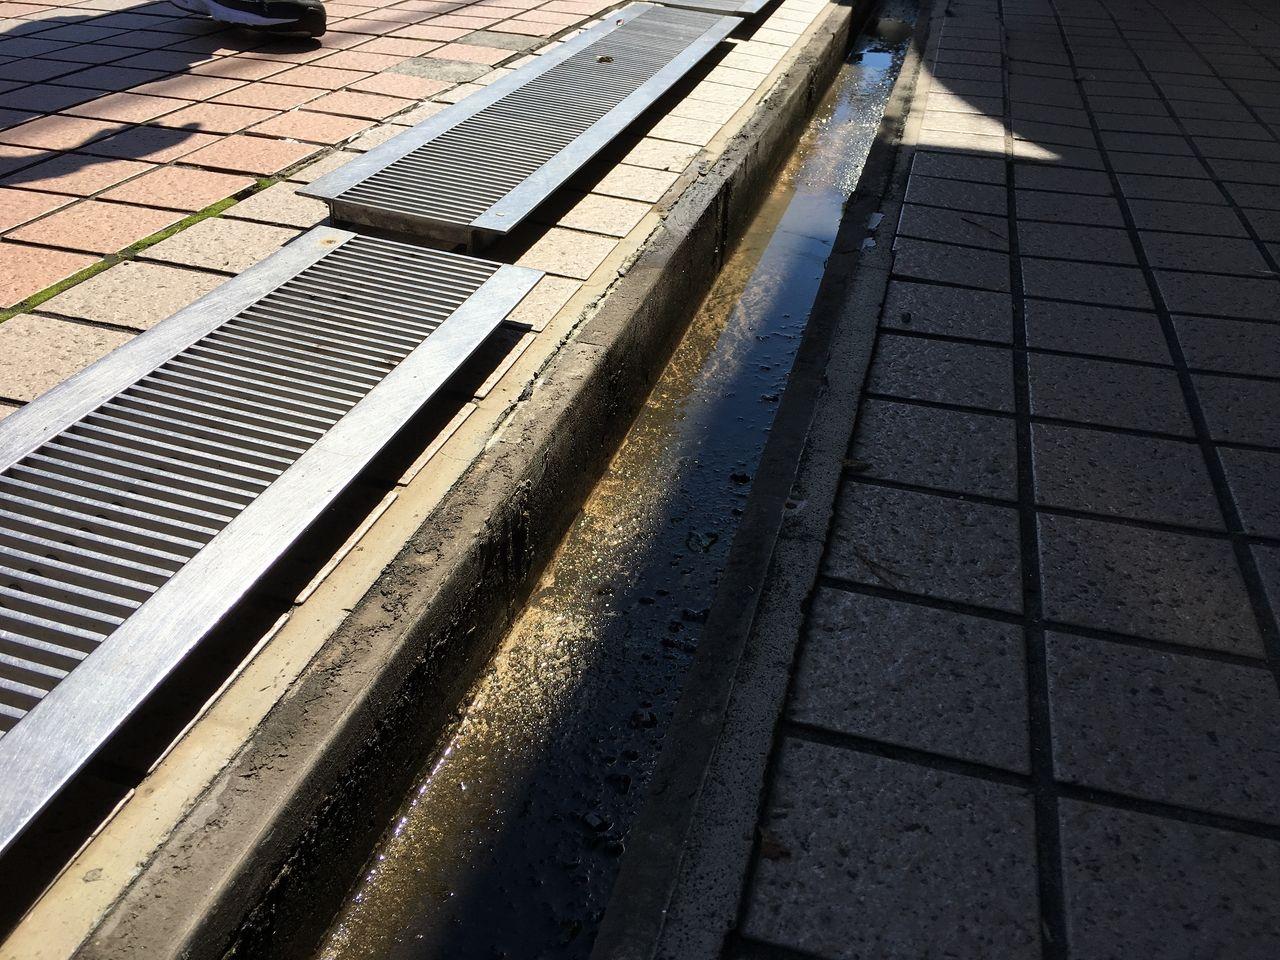 ア・ス・ヴェルデⅢにある清掃後の排水溝です!!